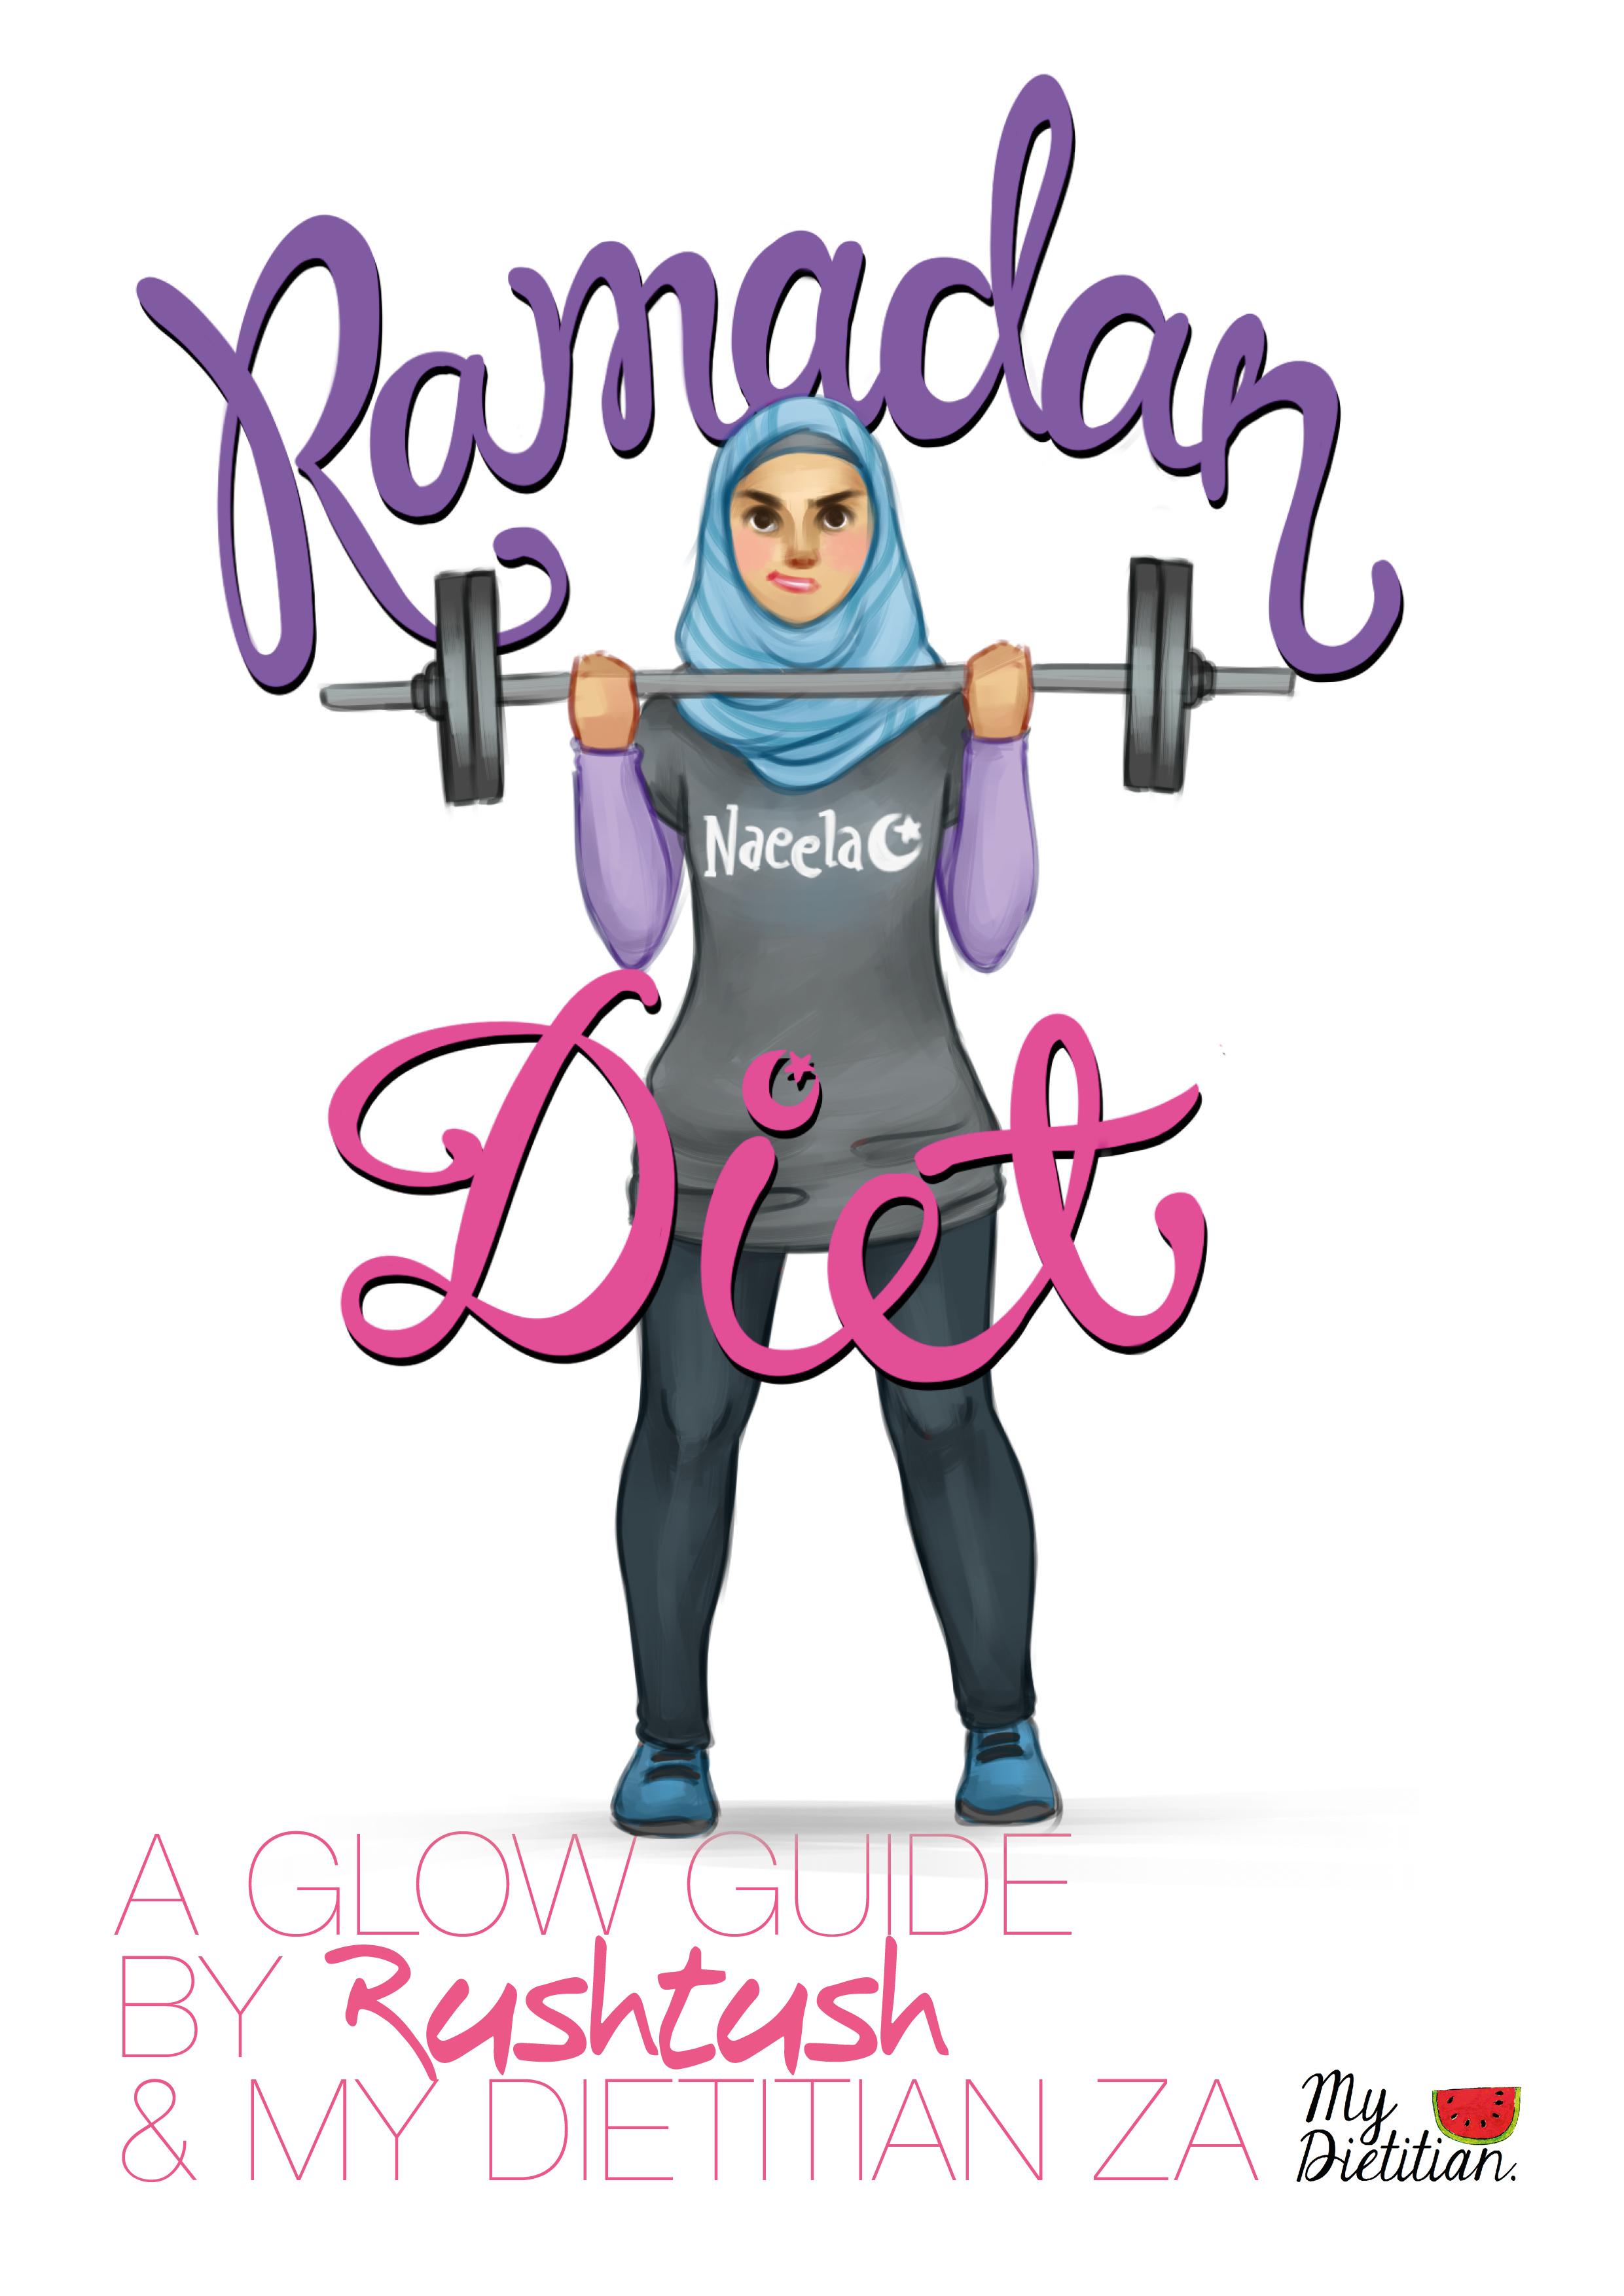 fasting in ramadan lose weight